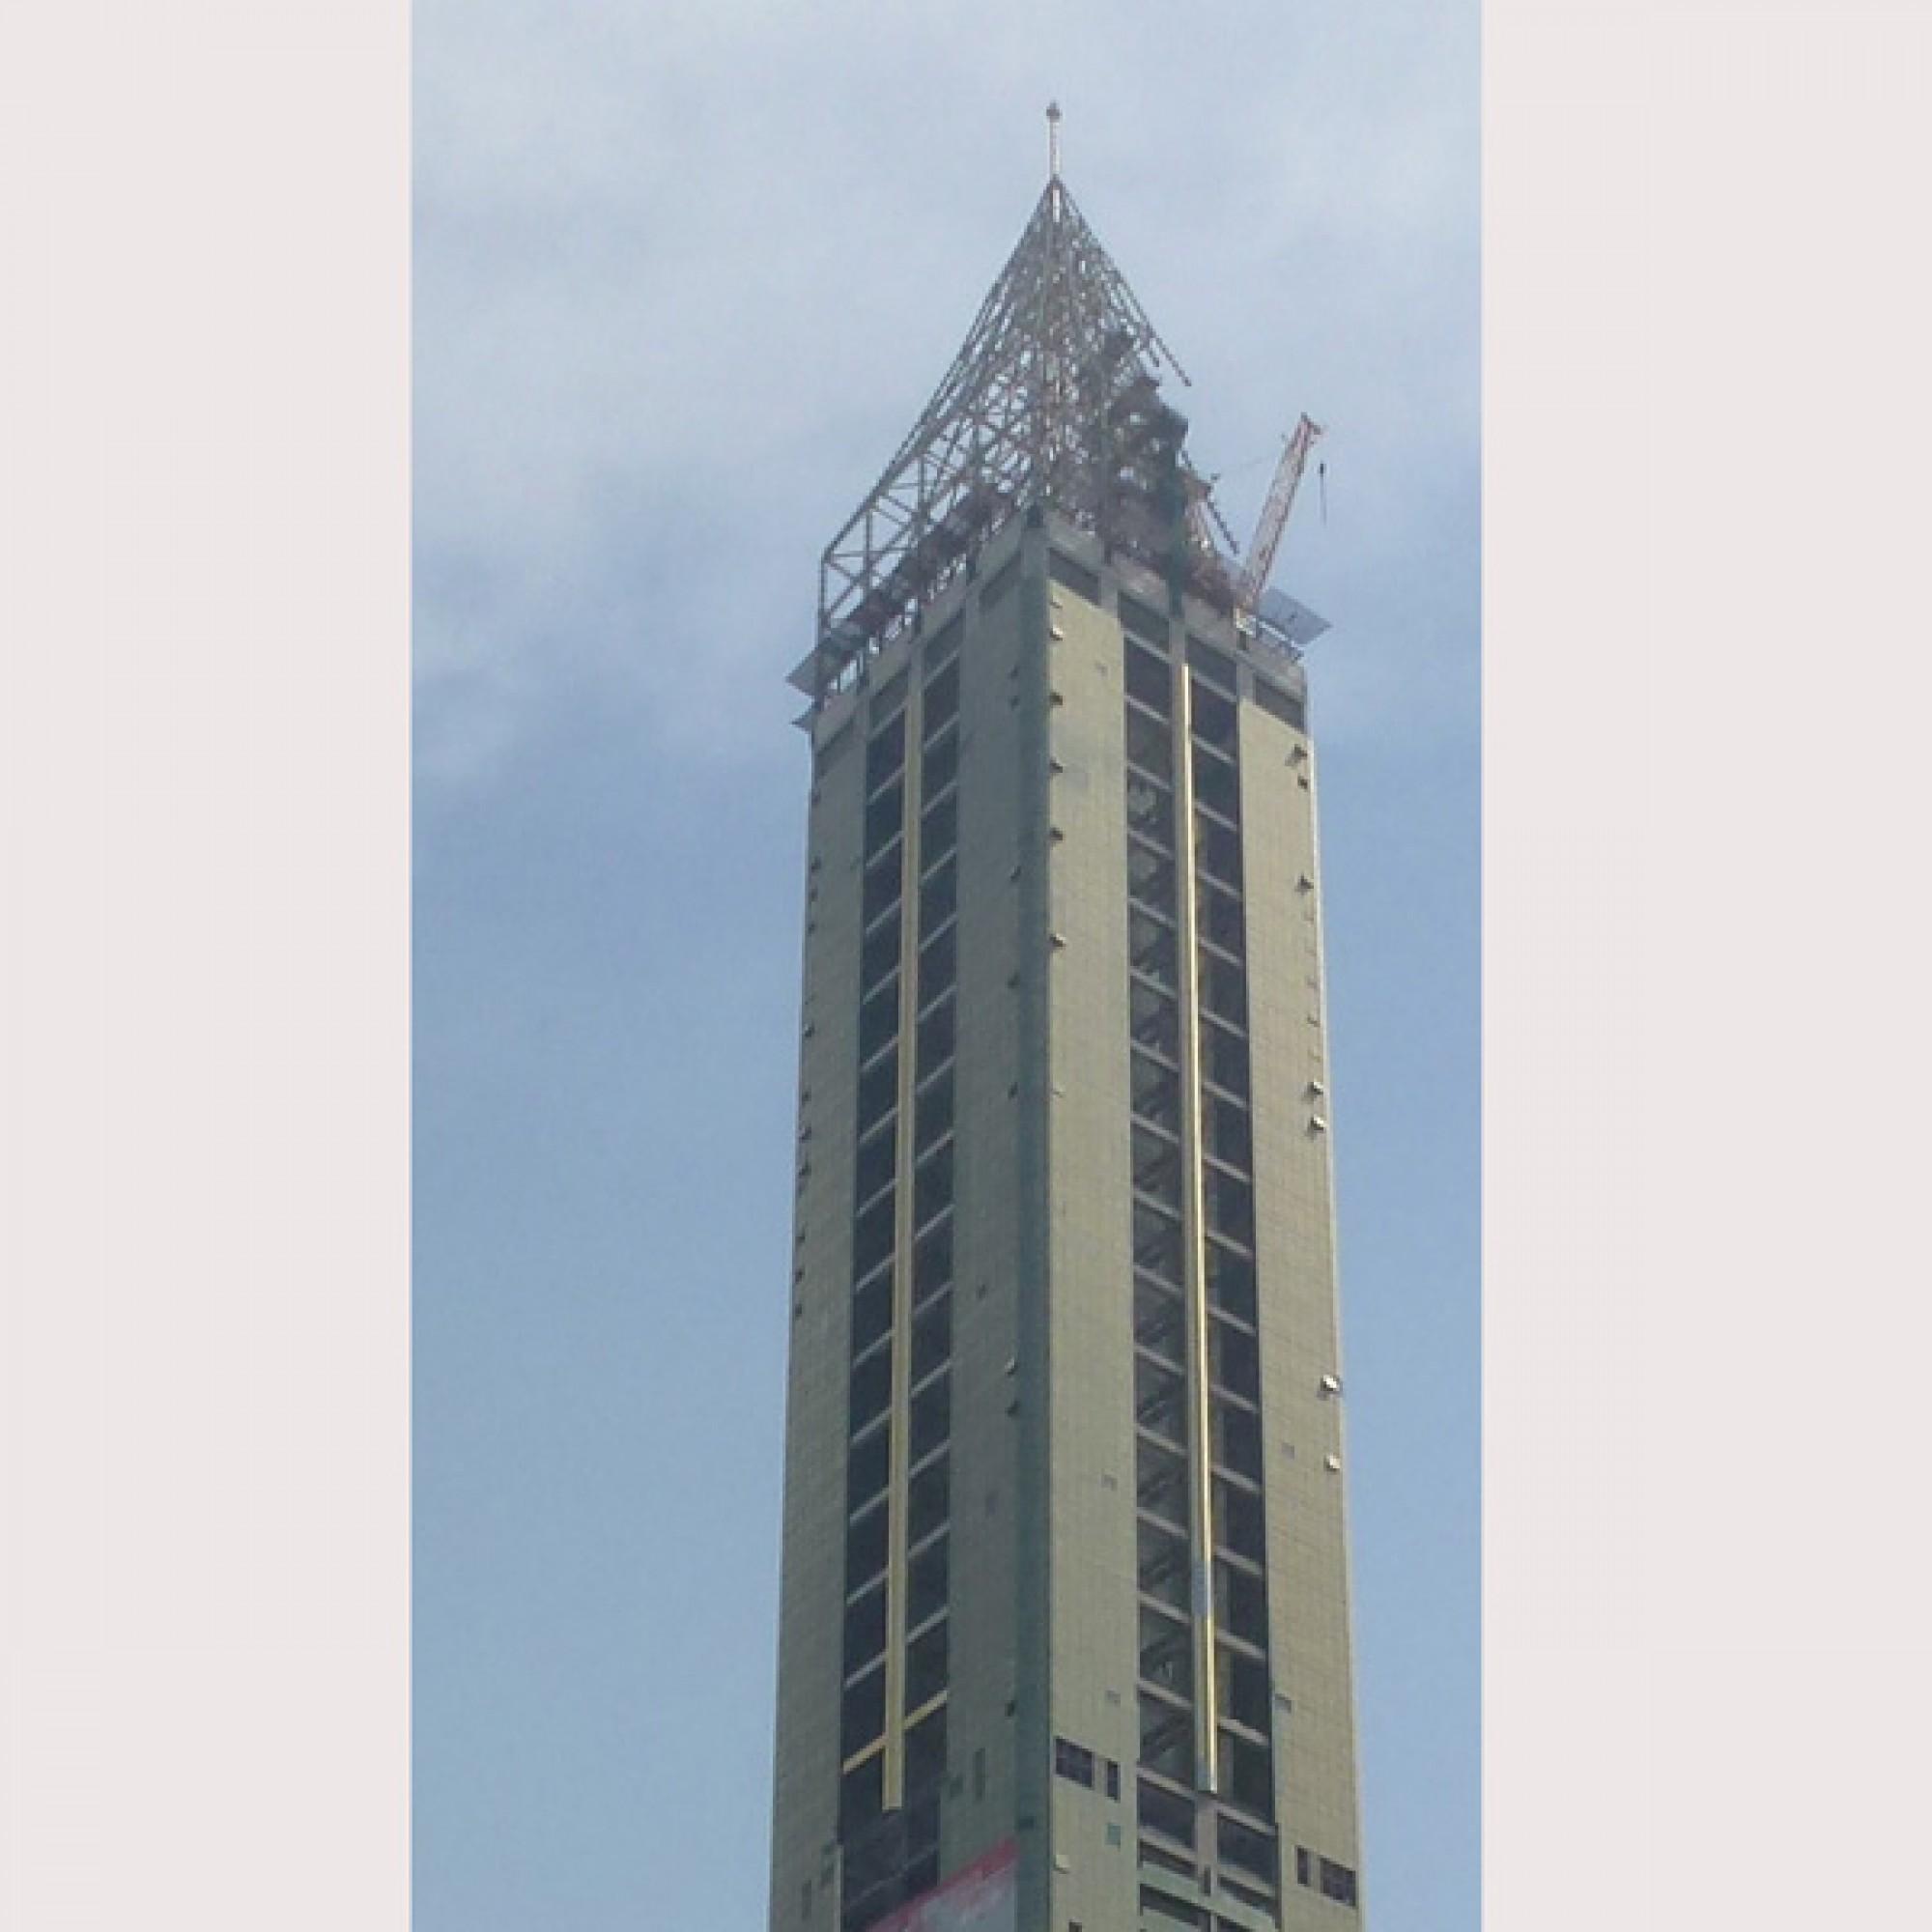 Ahmed Abdul Rahim Al Attar Tower, Dubai, Vereinigte Arabische Emirate (gemeinfrei)